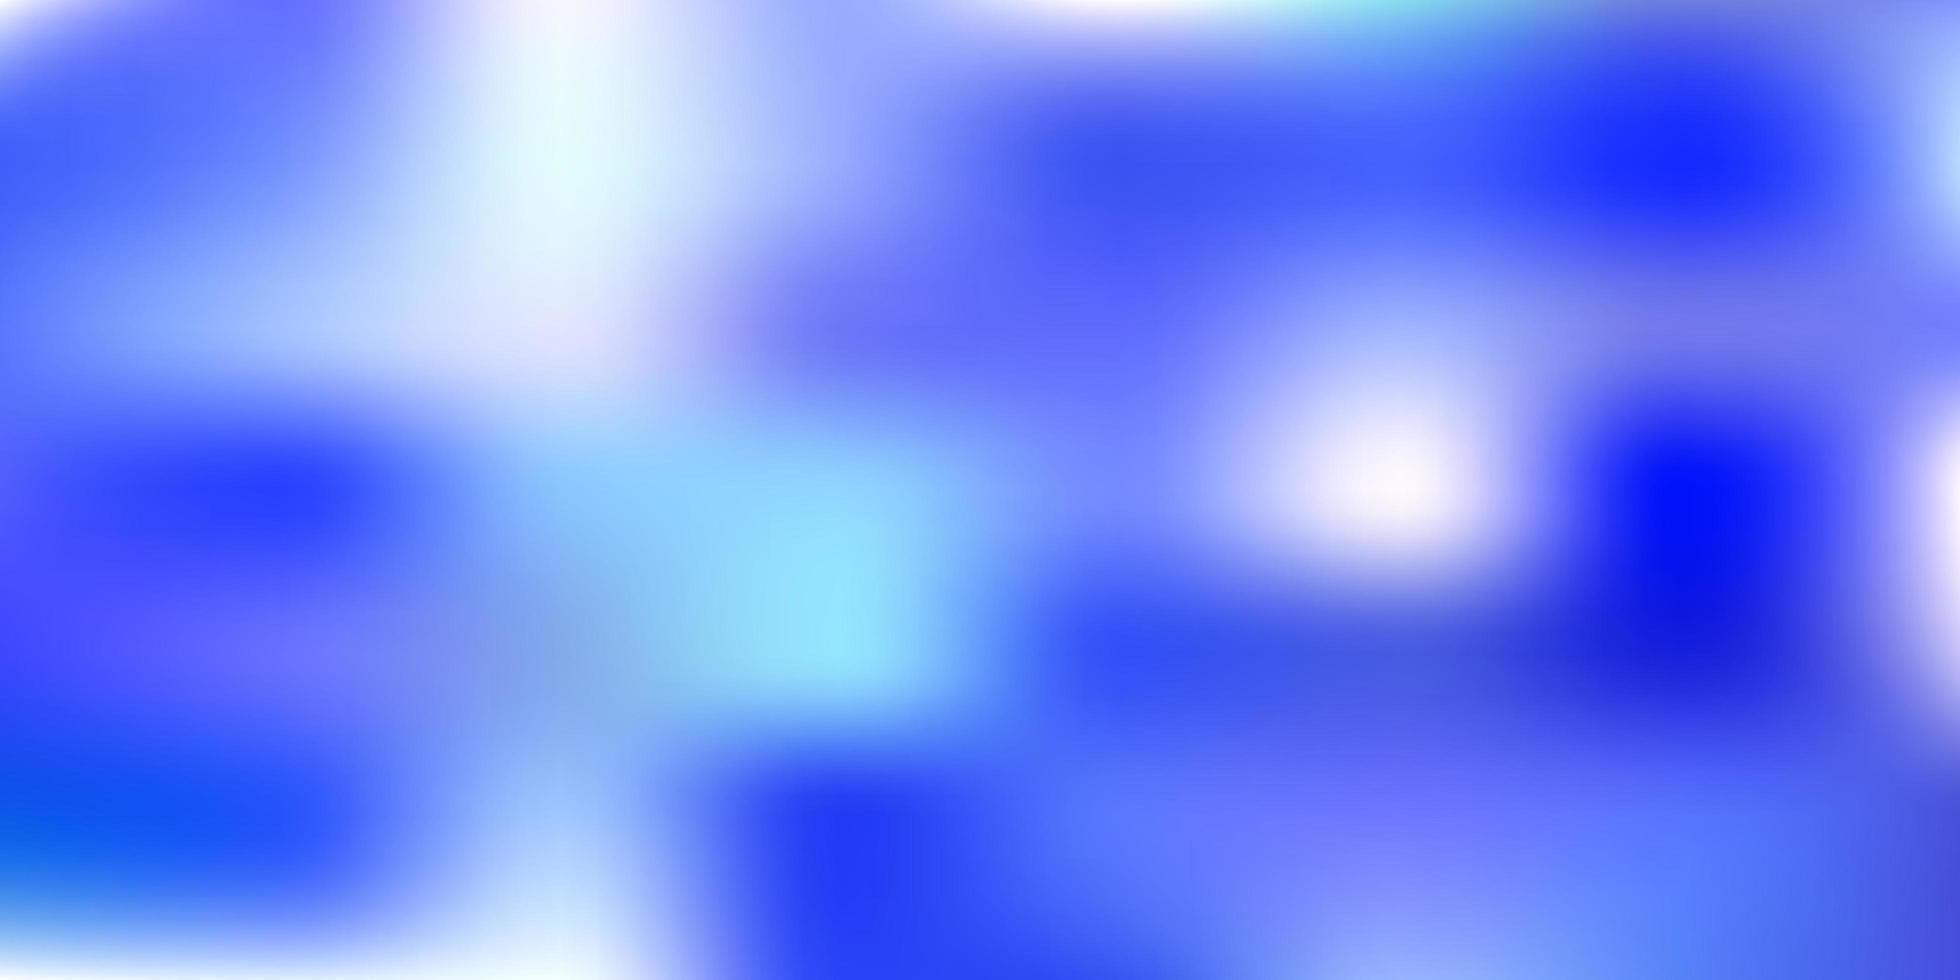 dunkelblaue unscharfe Vorlage. vektor